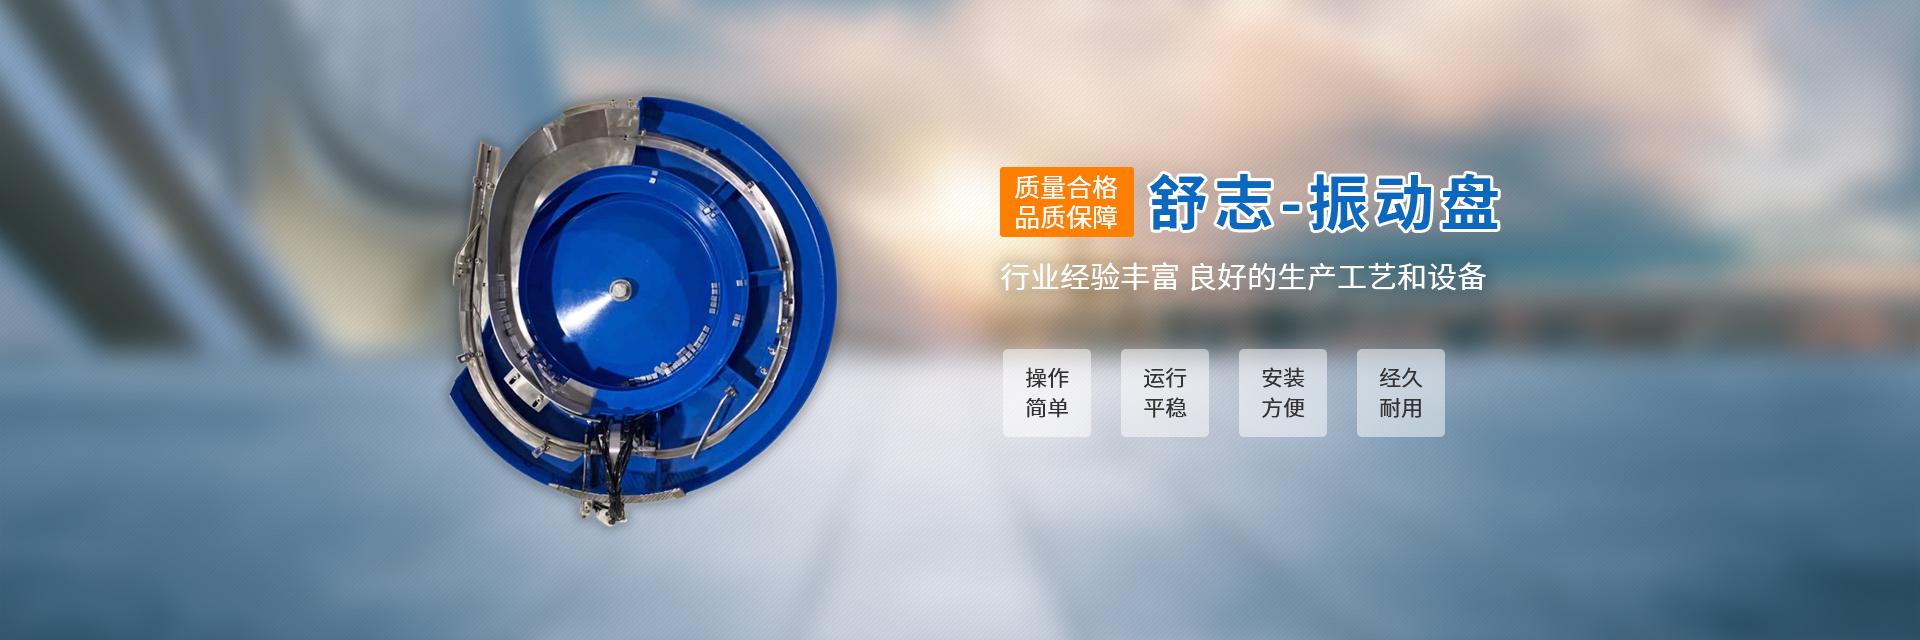 上海振动盘